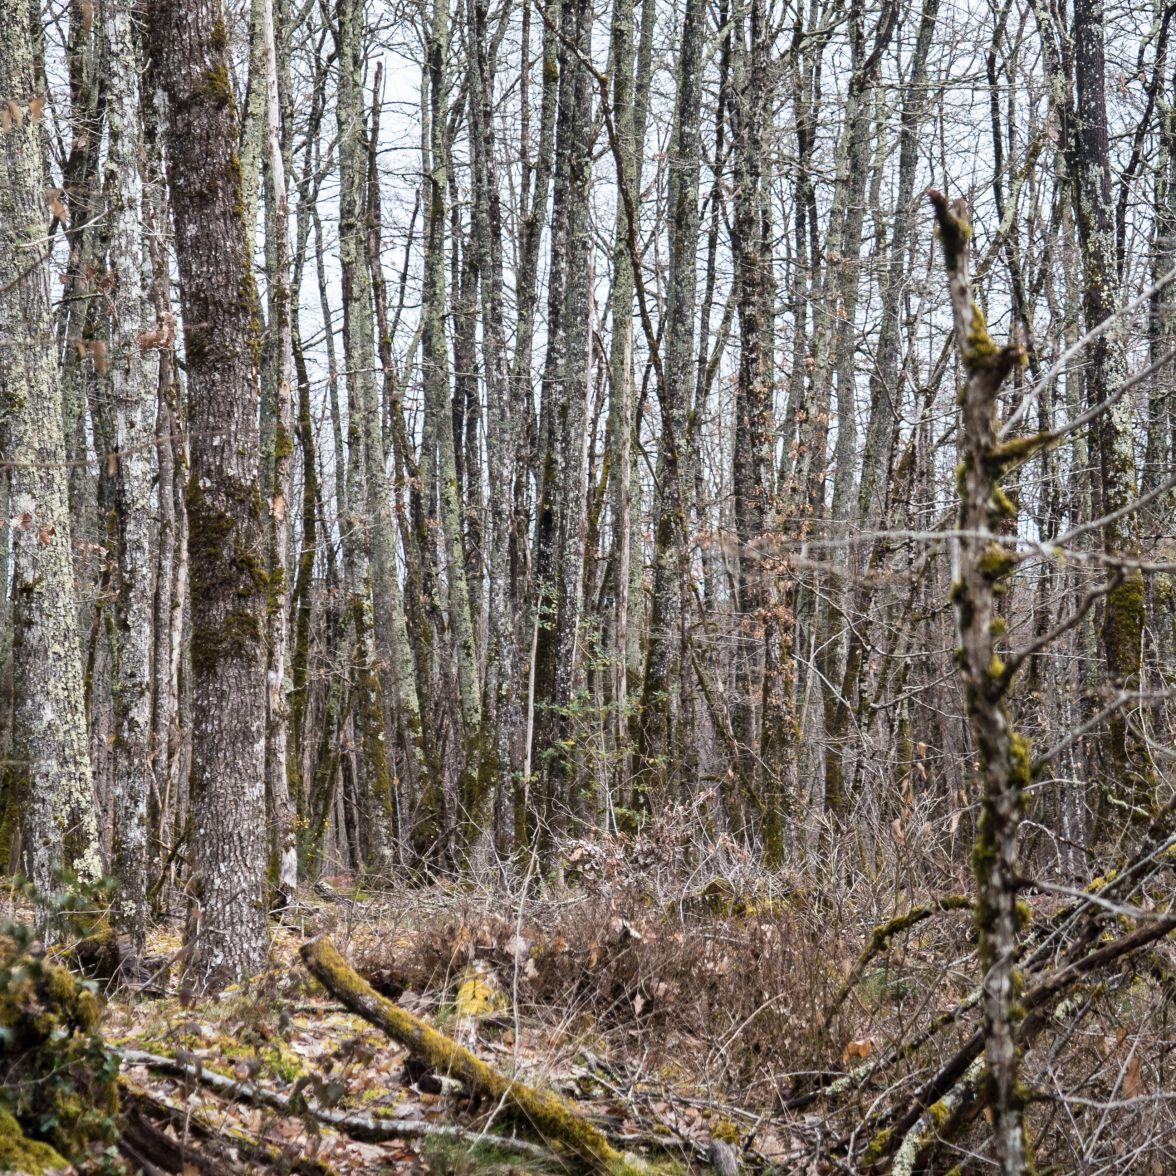 Lichen-encrusted oaks